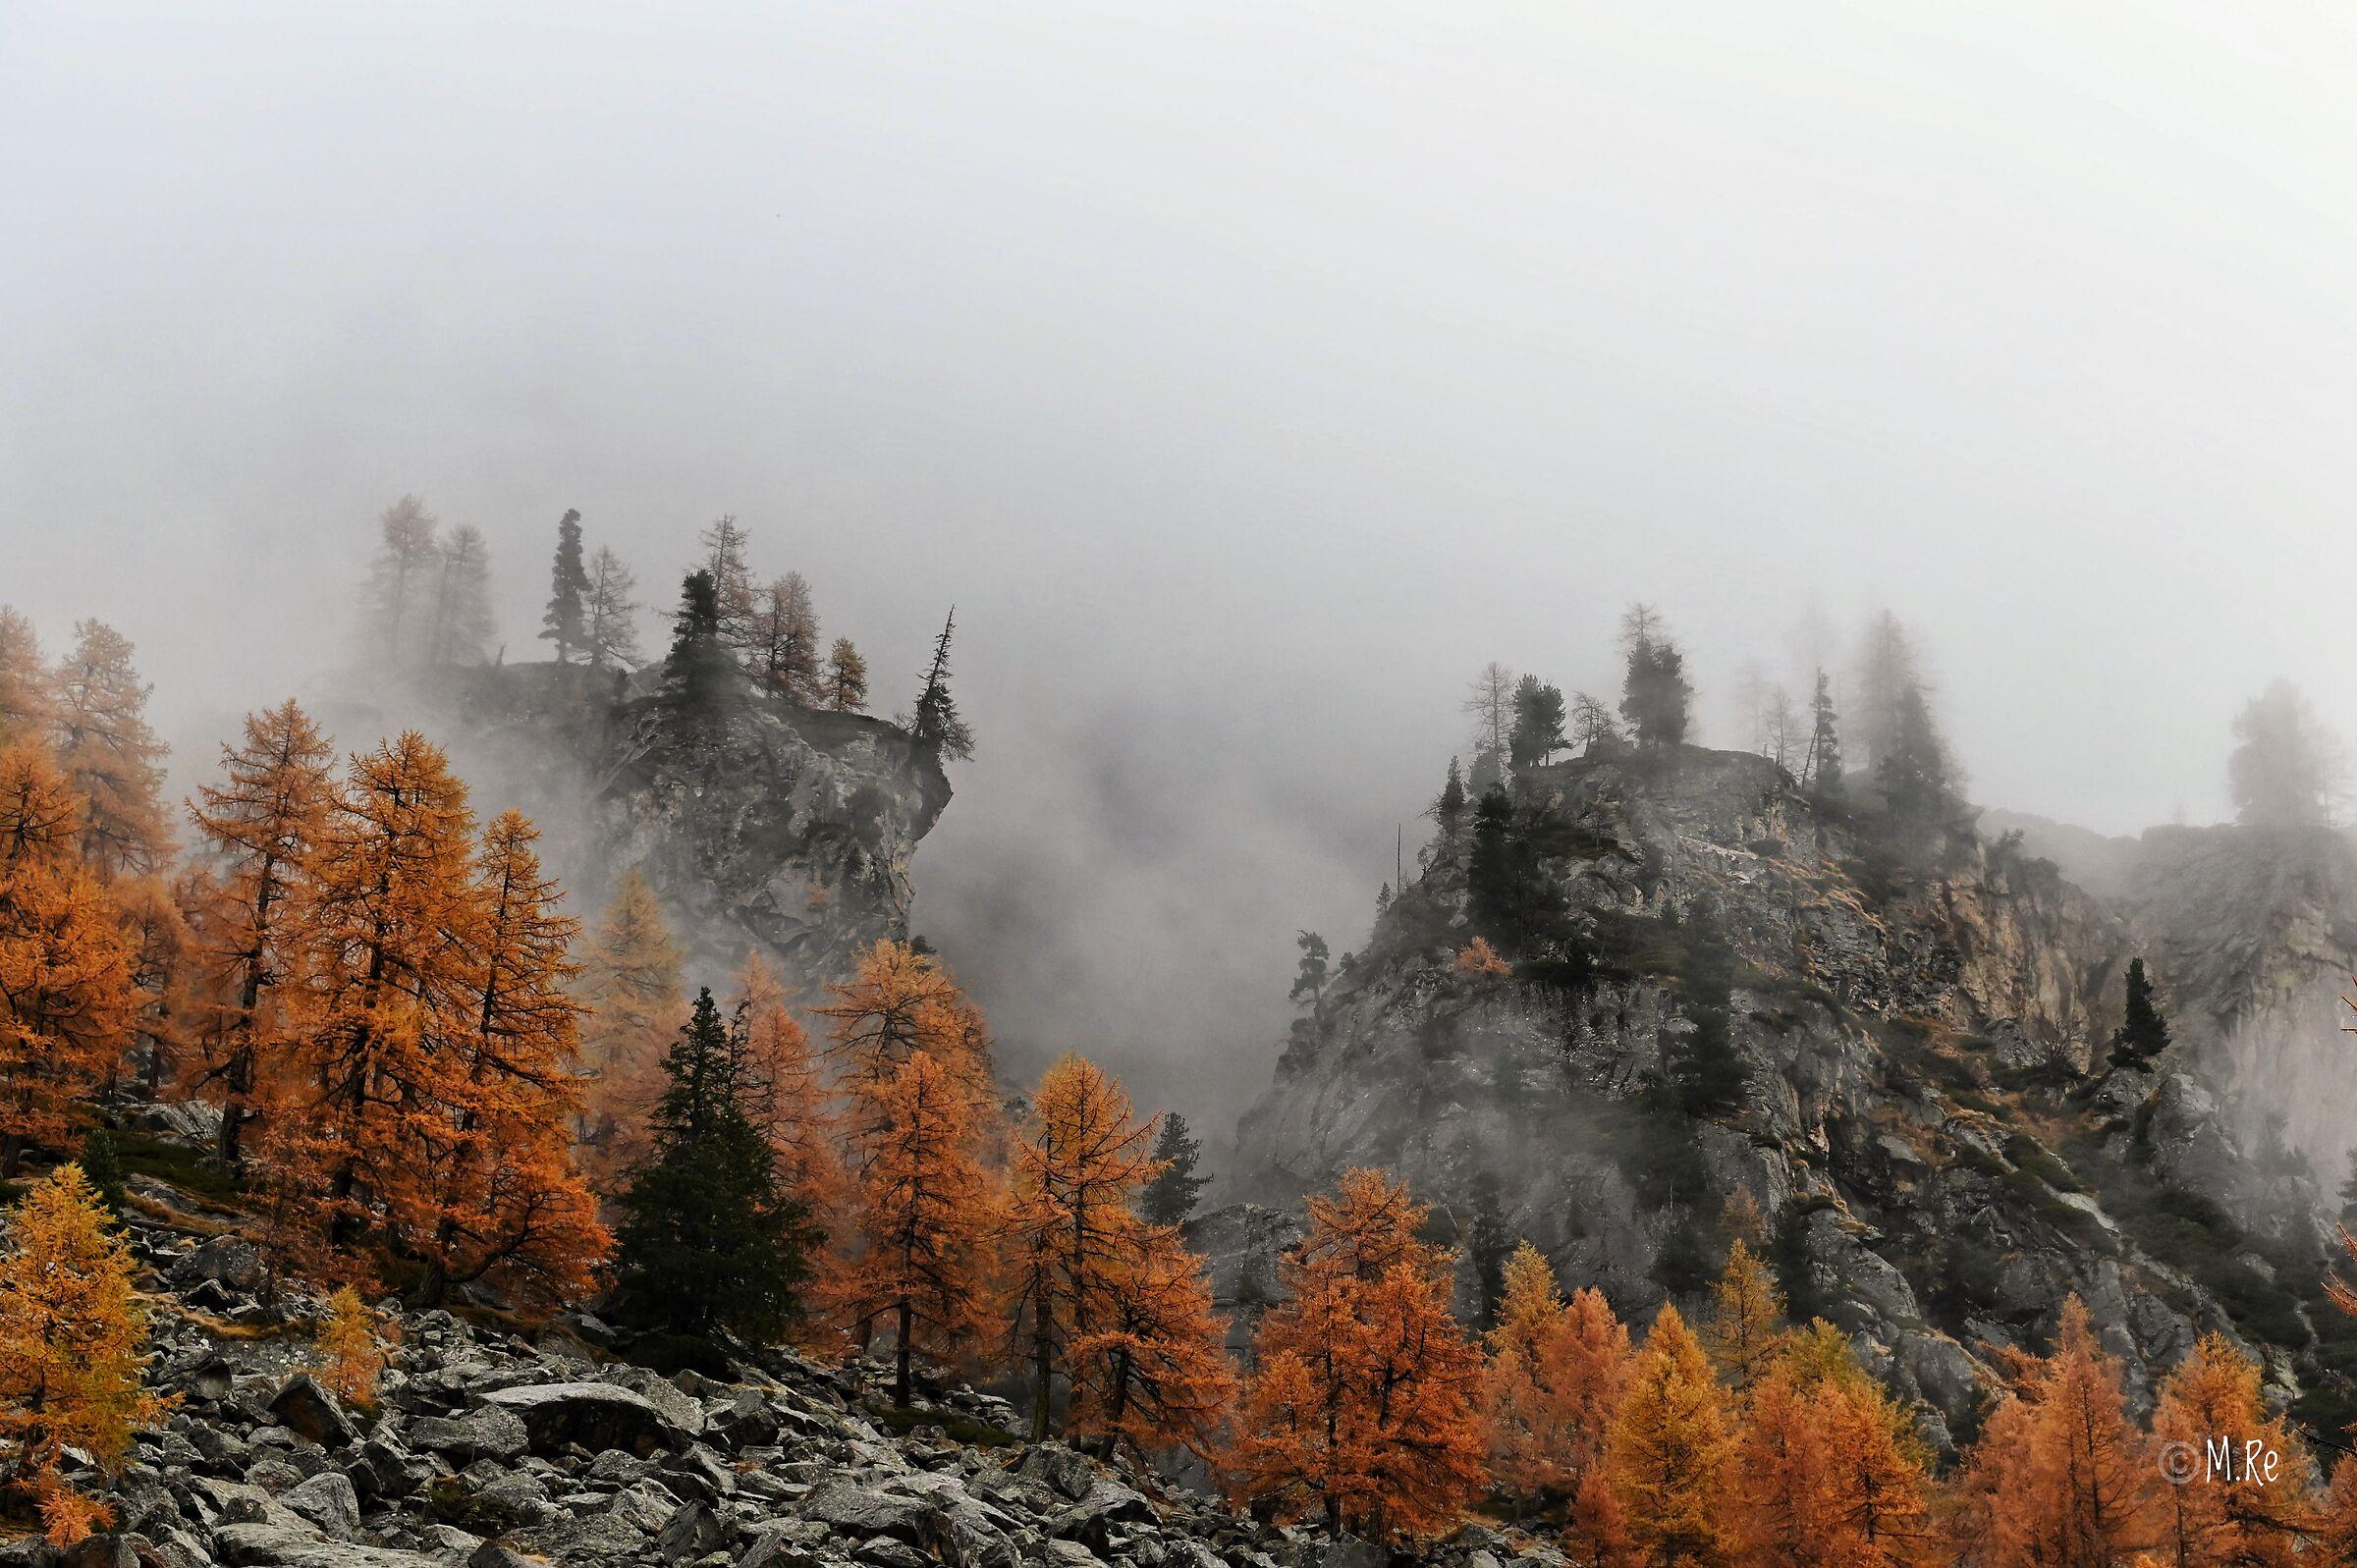 Fog in orange...